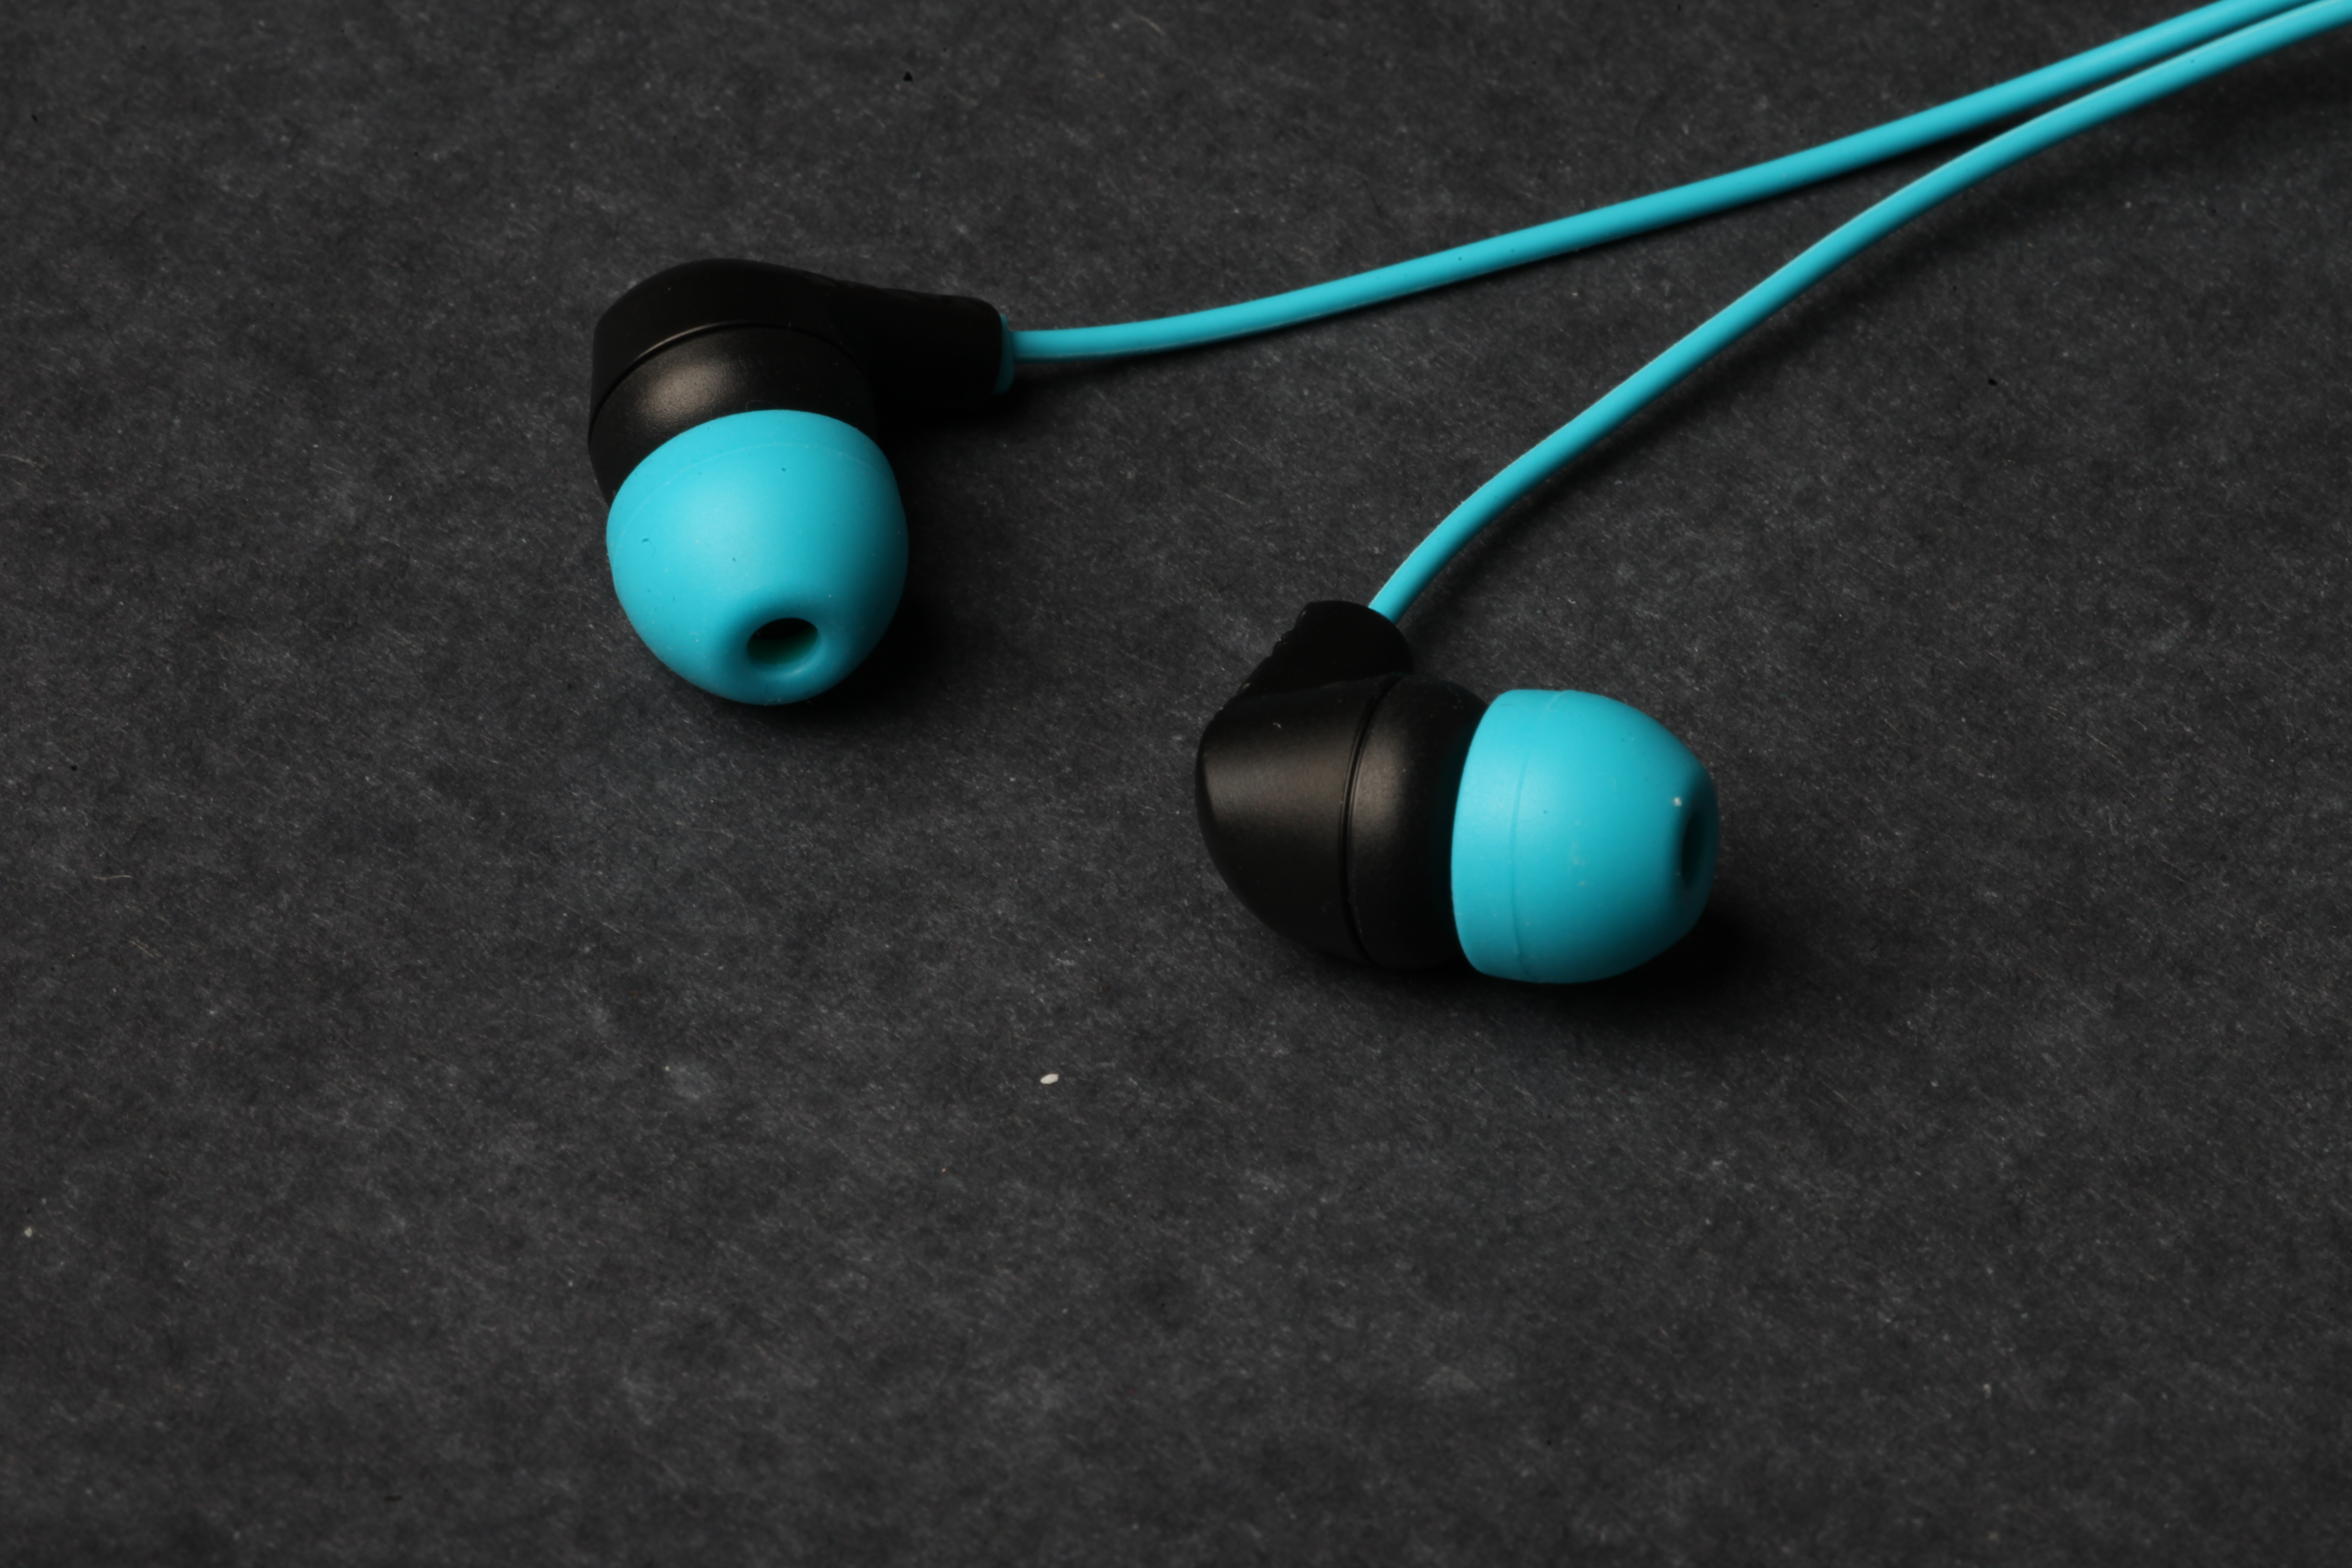 In Ear Headphones, Blue, Earphones, Headphones, Listen, HQ Photo